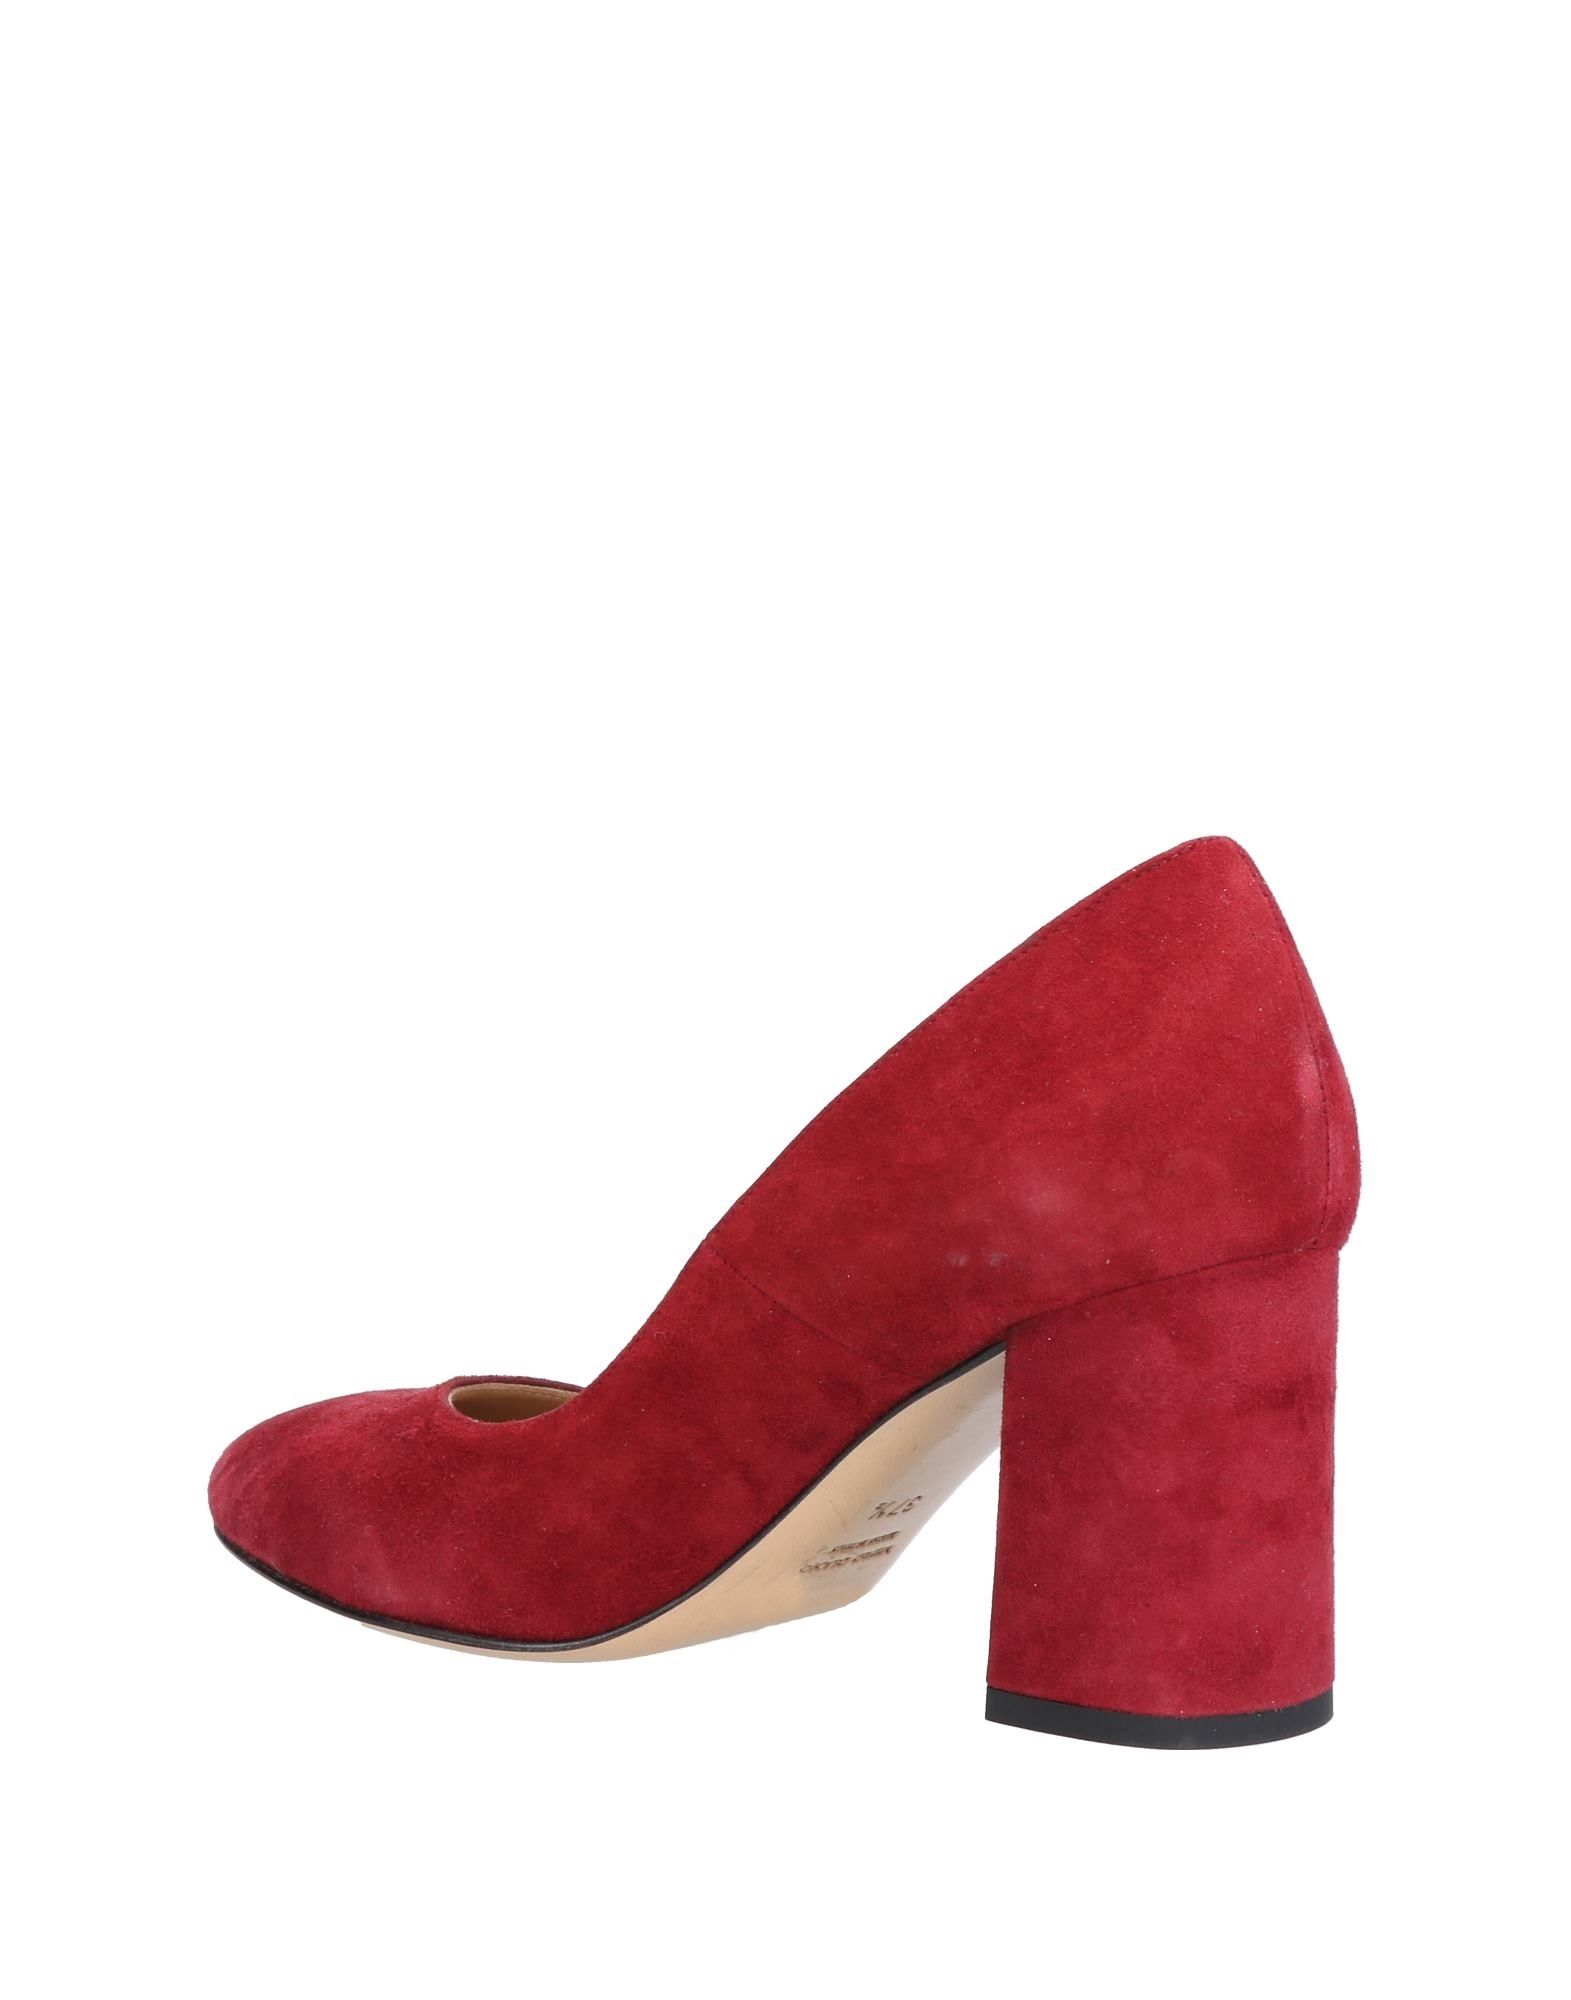 Pavin 11484731TE Pumps Damen  11484731TE Pavin Gute Qualität beliebte Schuhe 024d1a